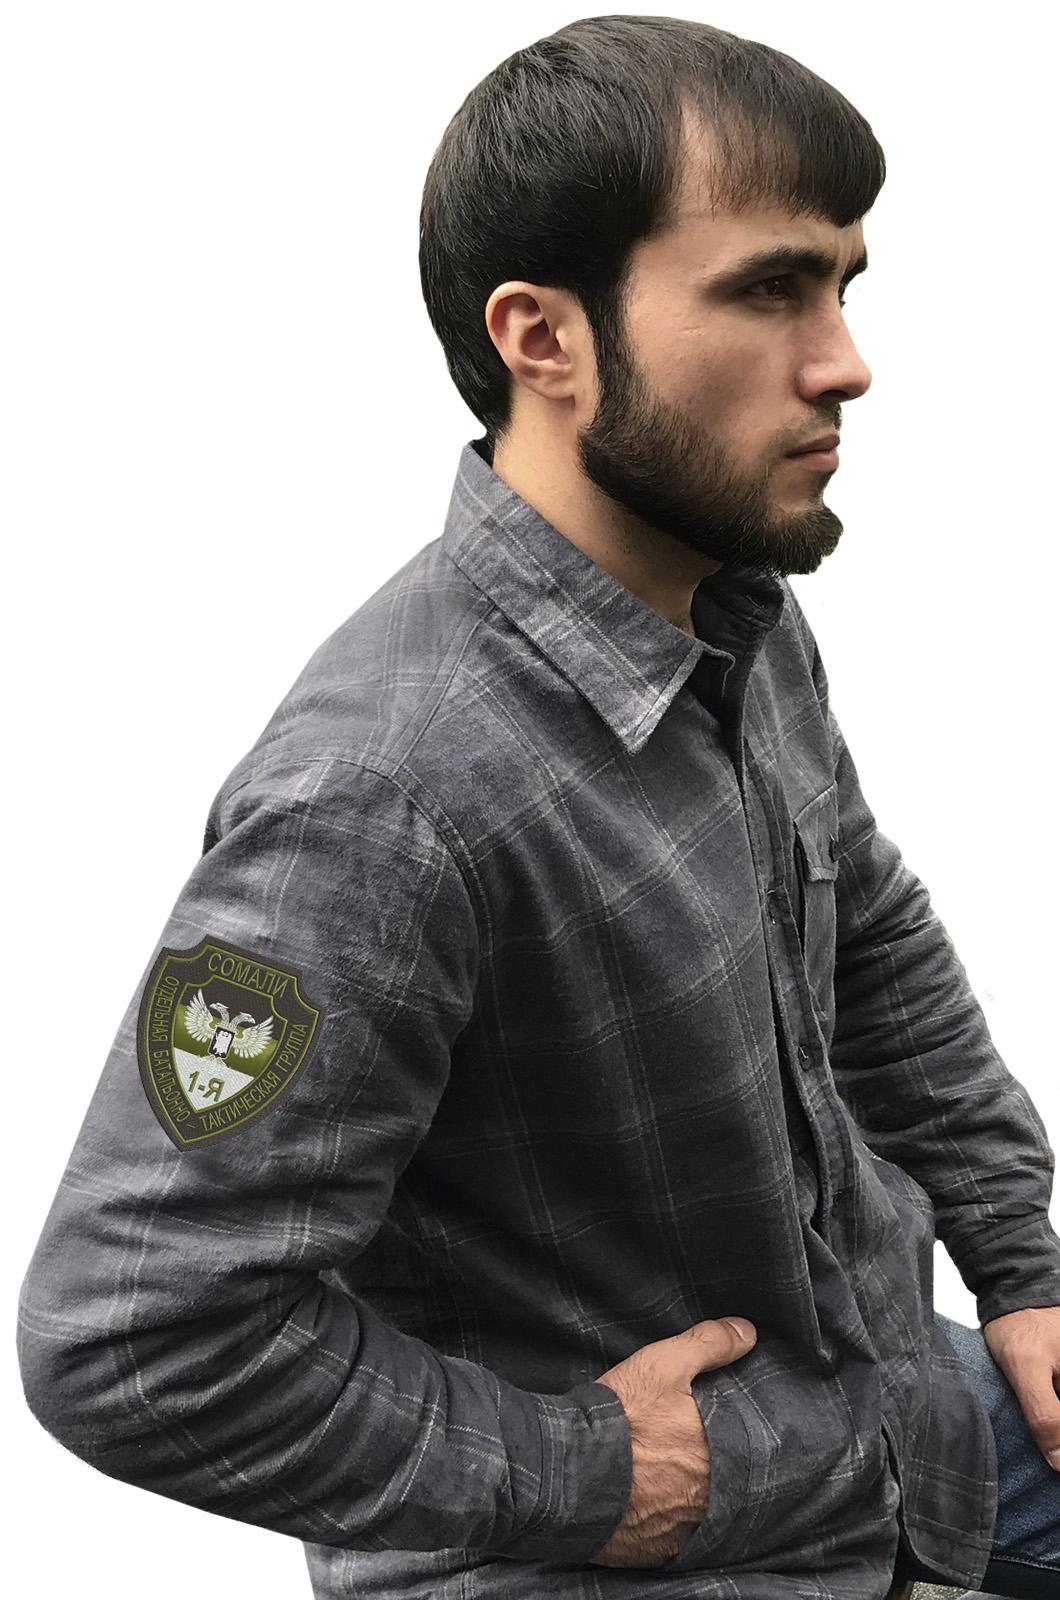 Лаконичная рубашка с вышитым шевроном Группа Сомали - купить в Военпро